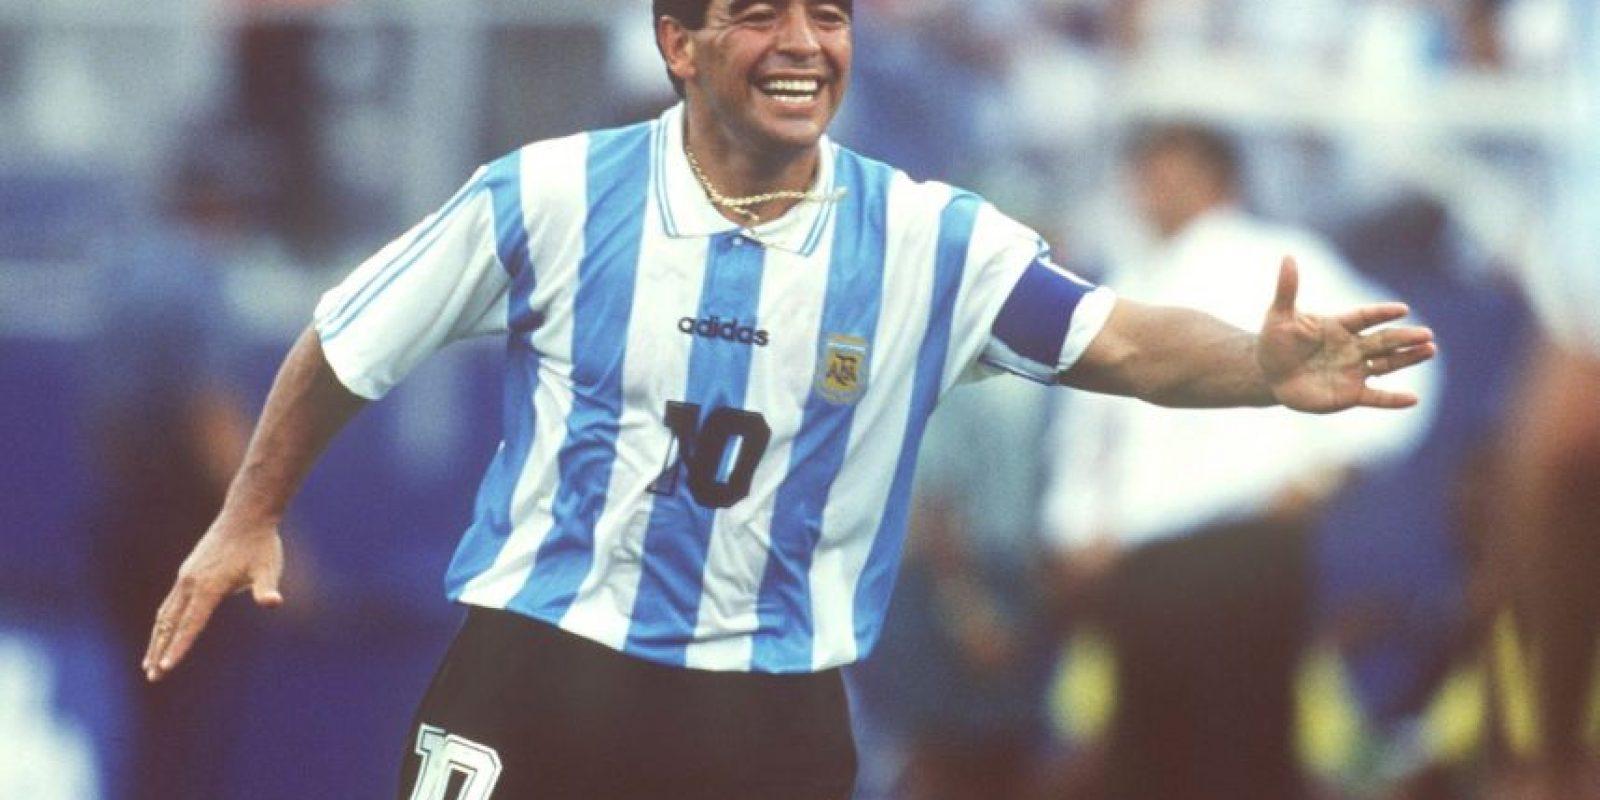 """Maradona jugó su último Mundial en Estados Unidos 1994, torneo del que fue expulsado por dar positivo en el control antidoping. El """"Pelusa"""" fue suspendido por quince meses por lo cual debió abandonar al instante la concentración de la """"Albiceleste""""."""